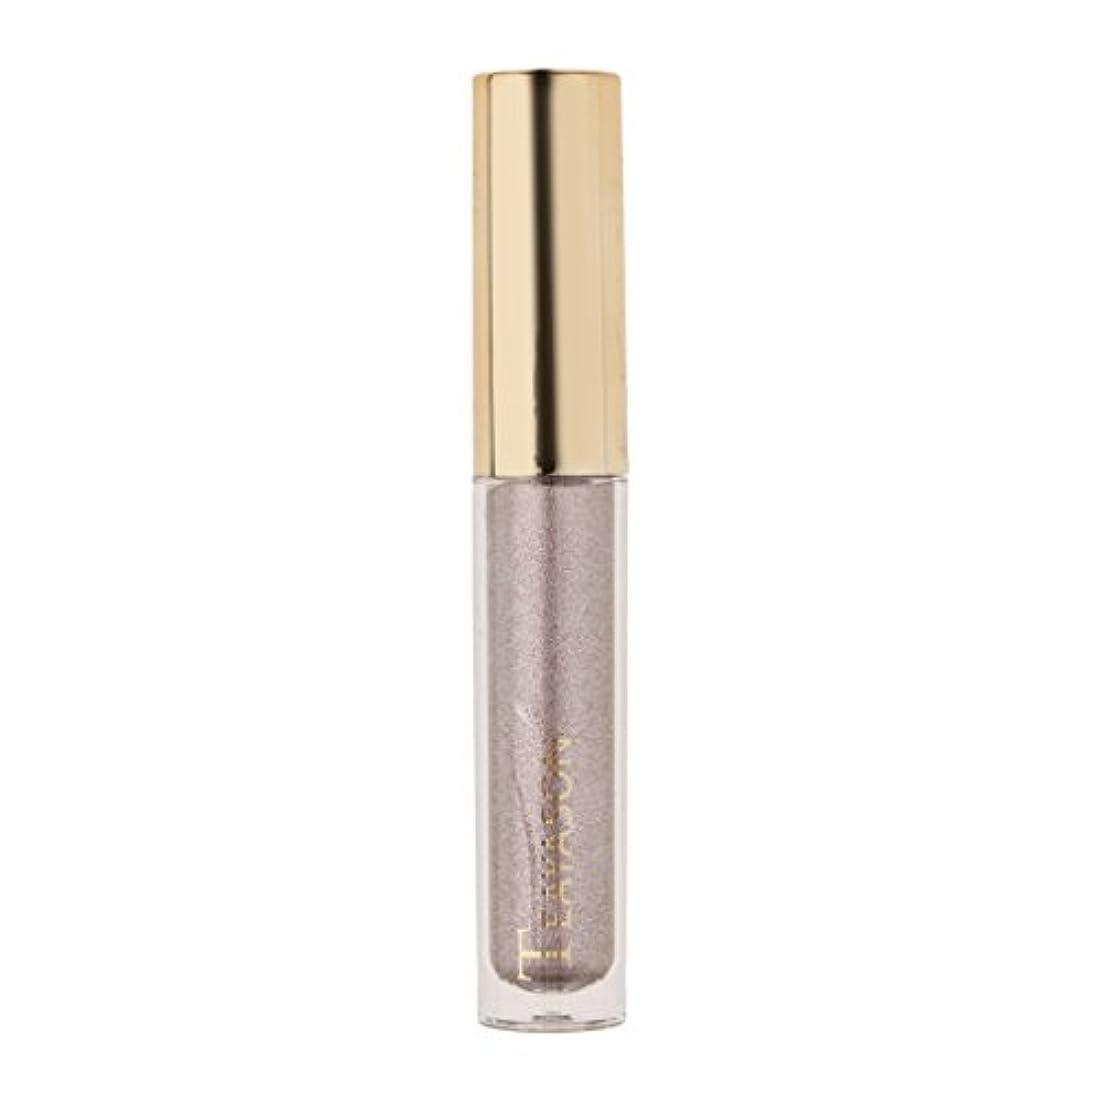 必需品徹底的に資金8色液体アイシャドーキラキラシマー化粧品顔料長期持続性 - 6#